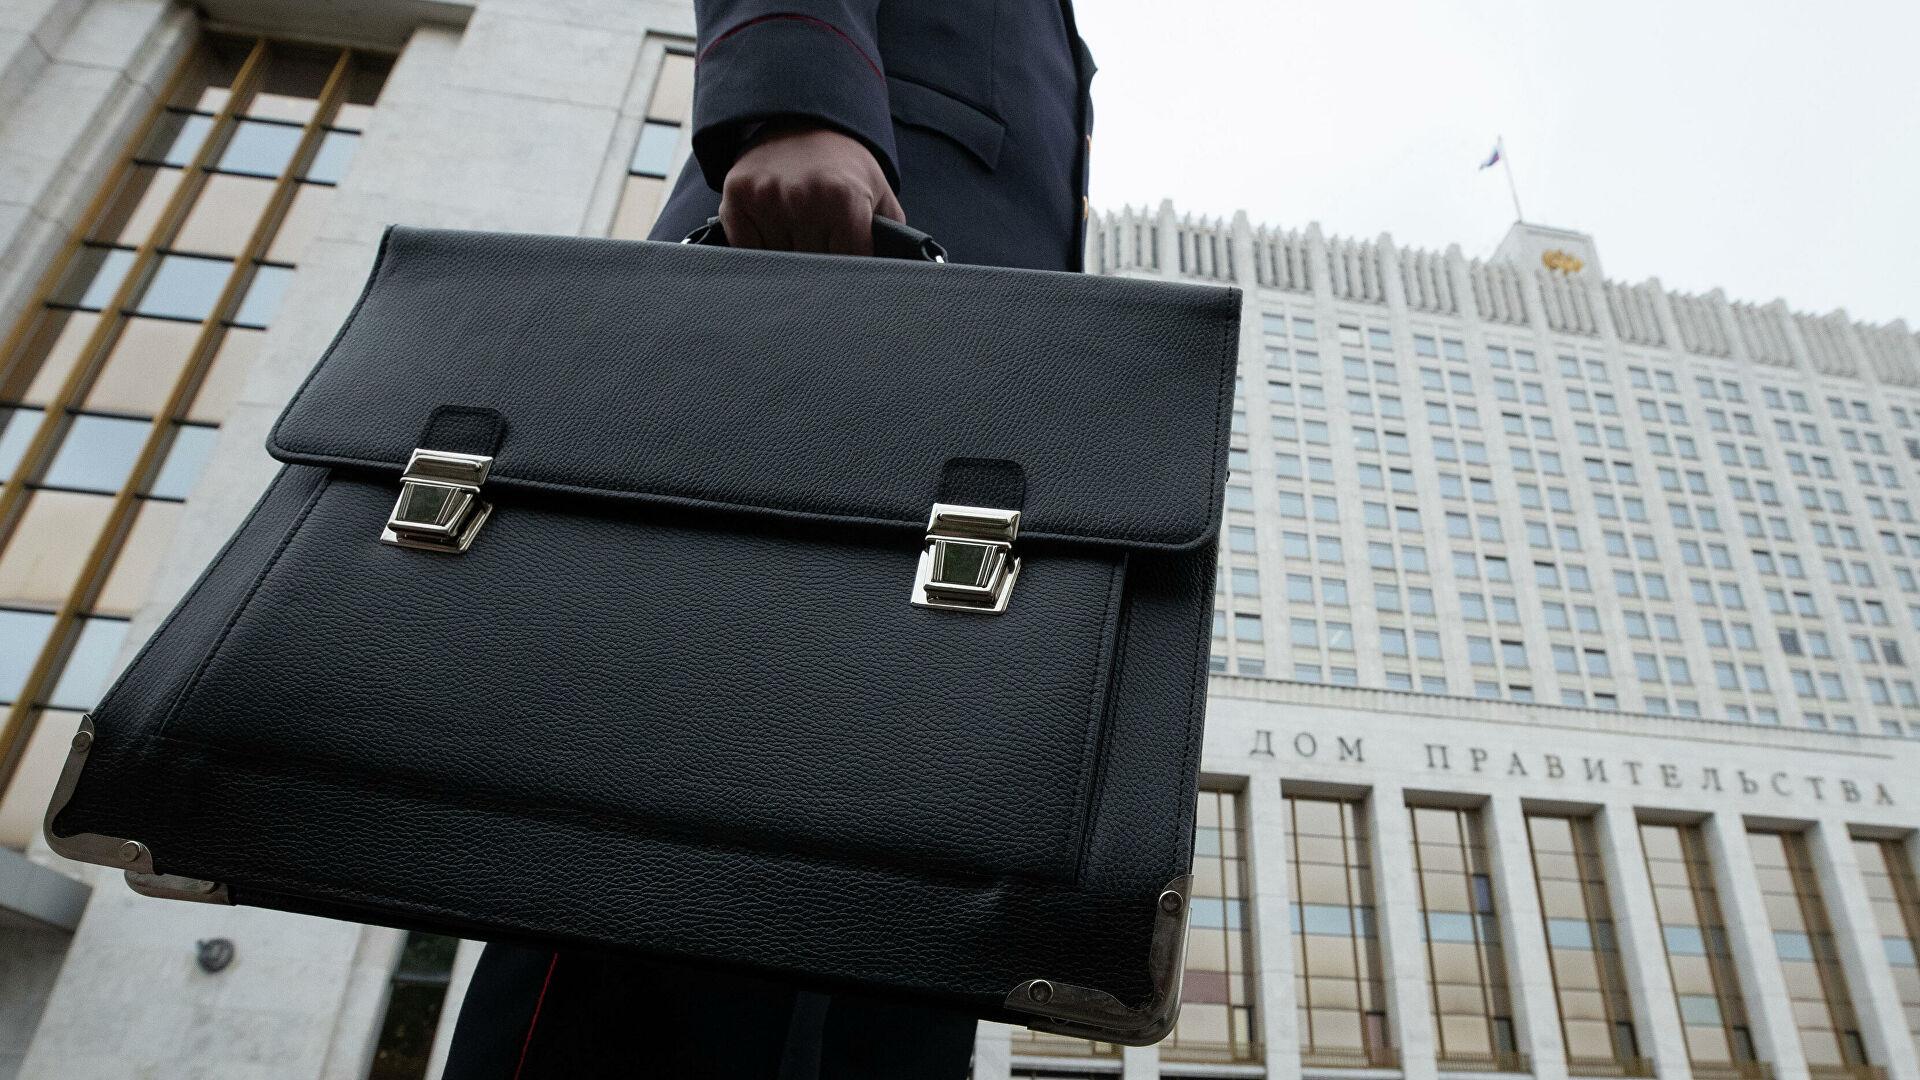 Кабмин продлевает на год действие лицензий для предпринимателей из некоторых сфер